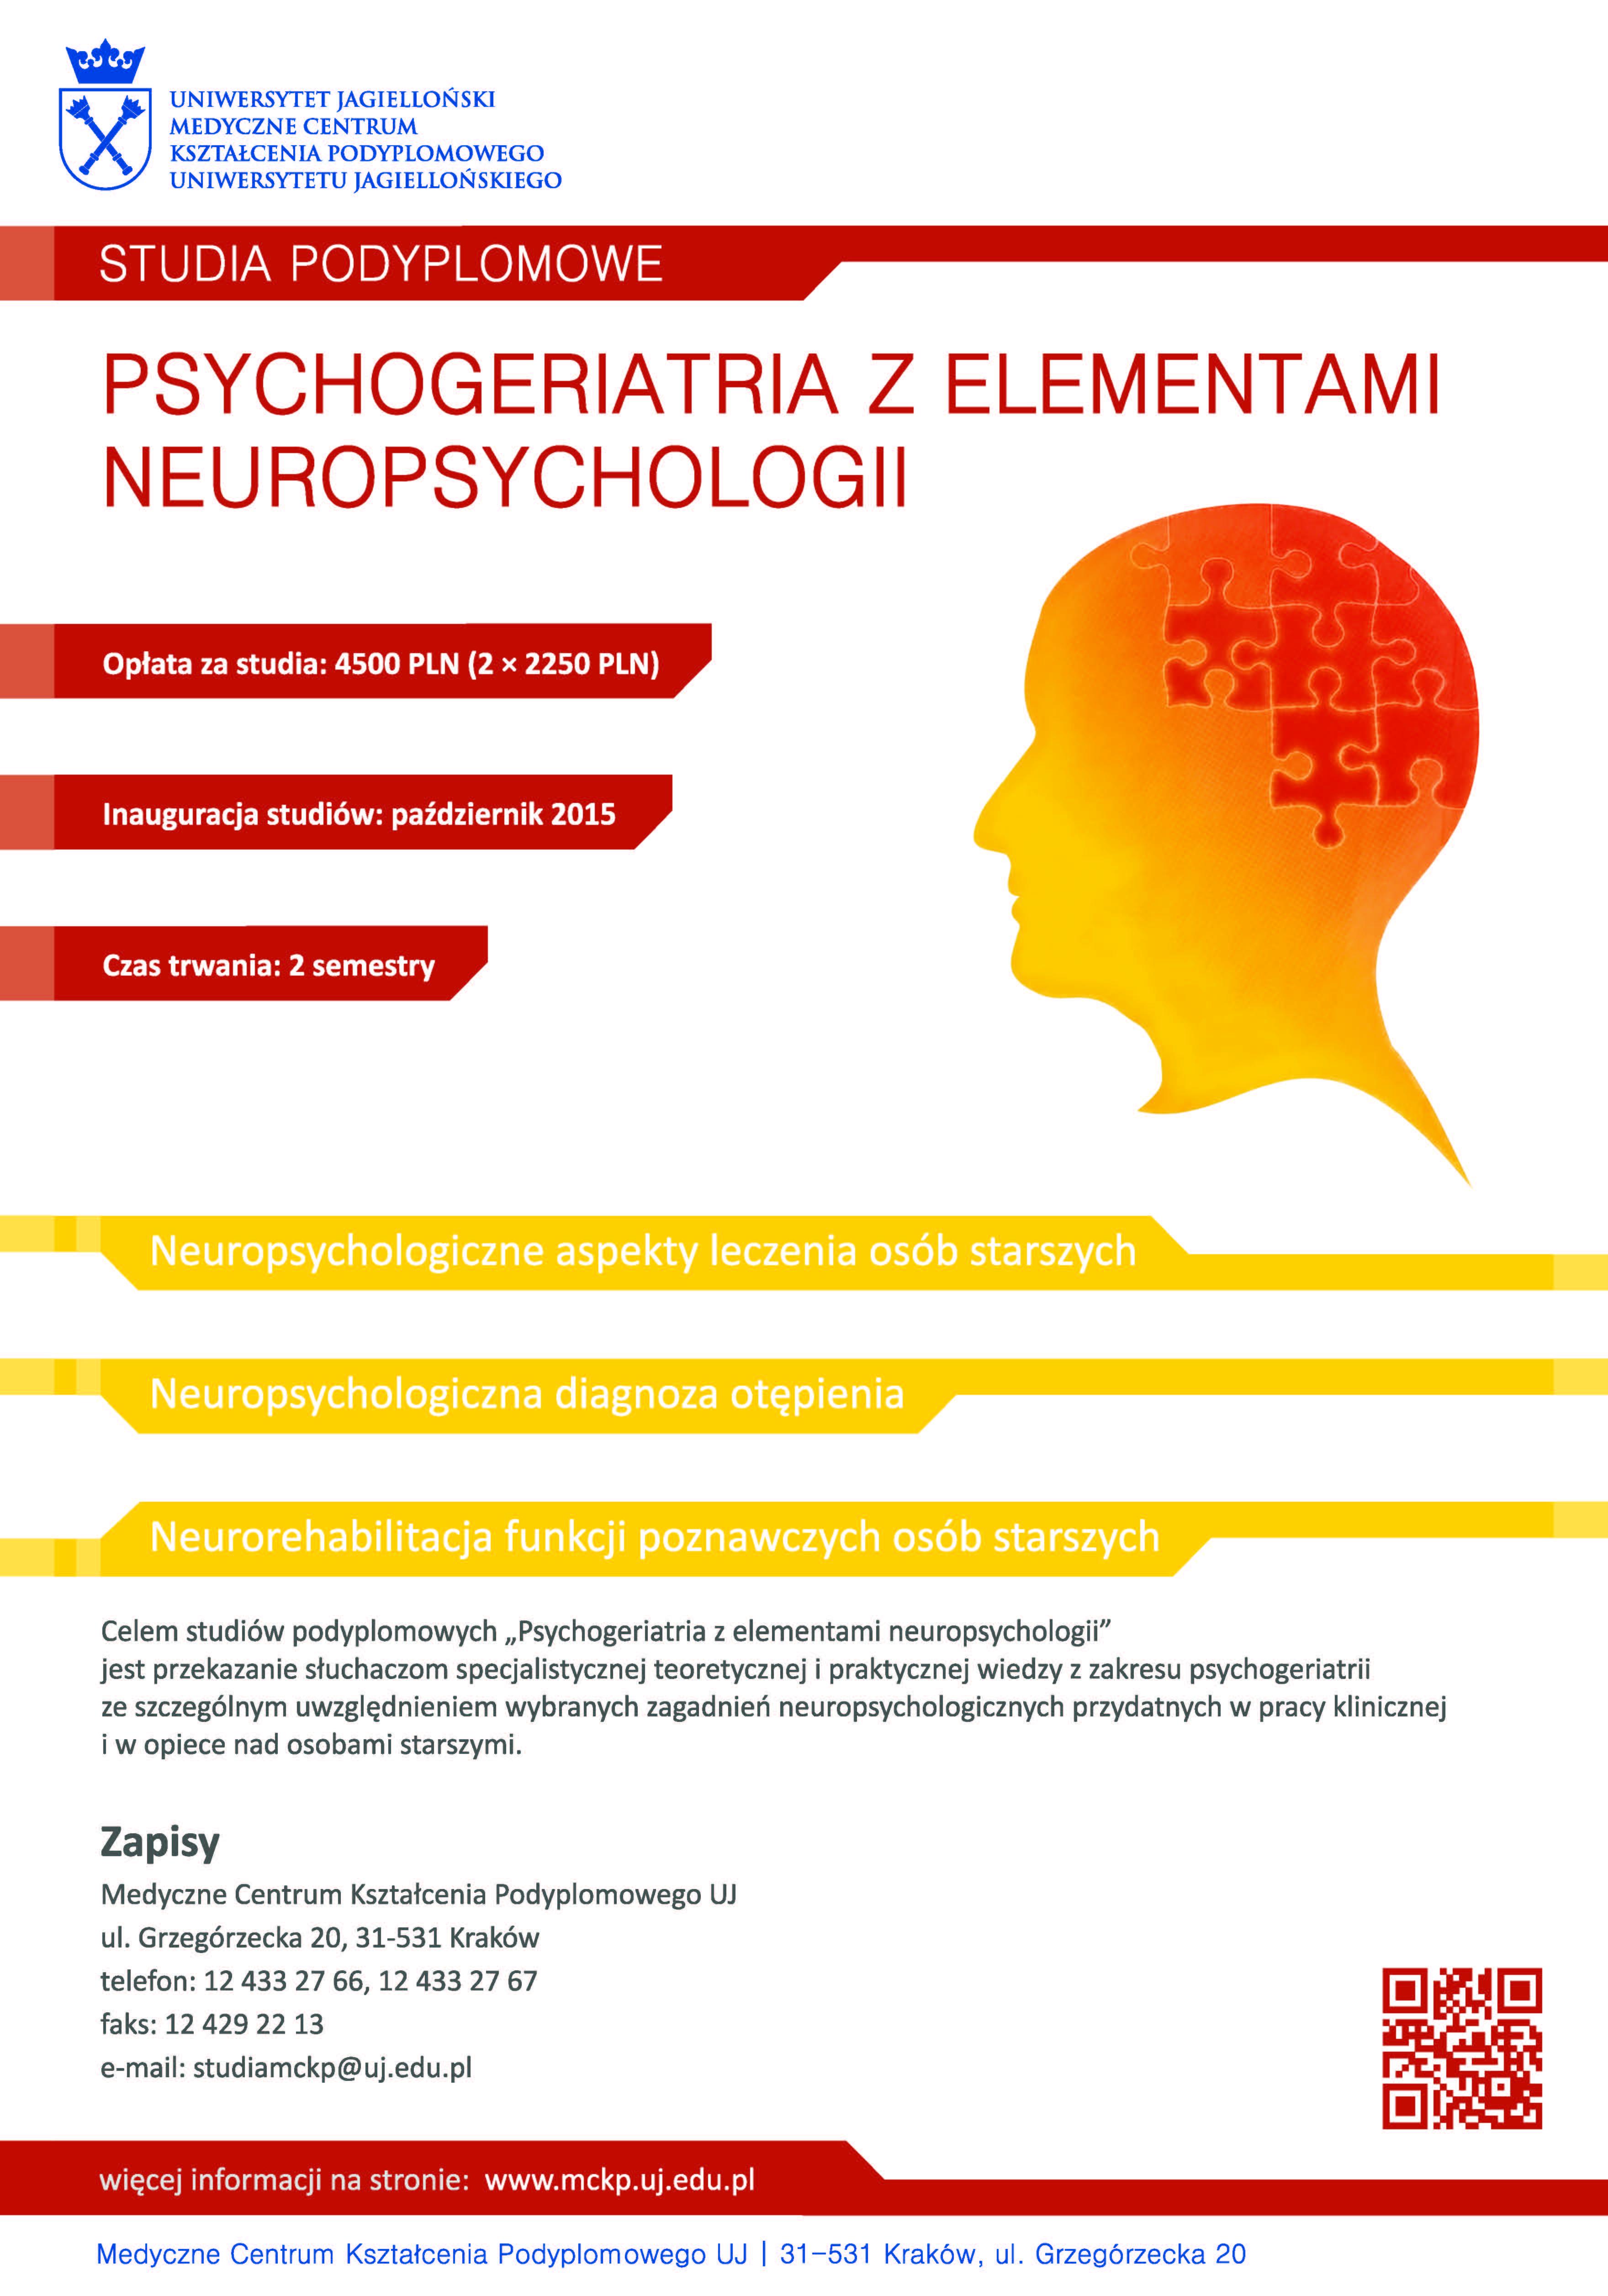 Psychogeriatria z elementami neuropsychologii.